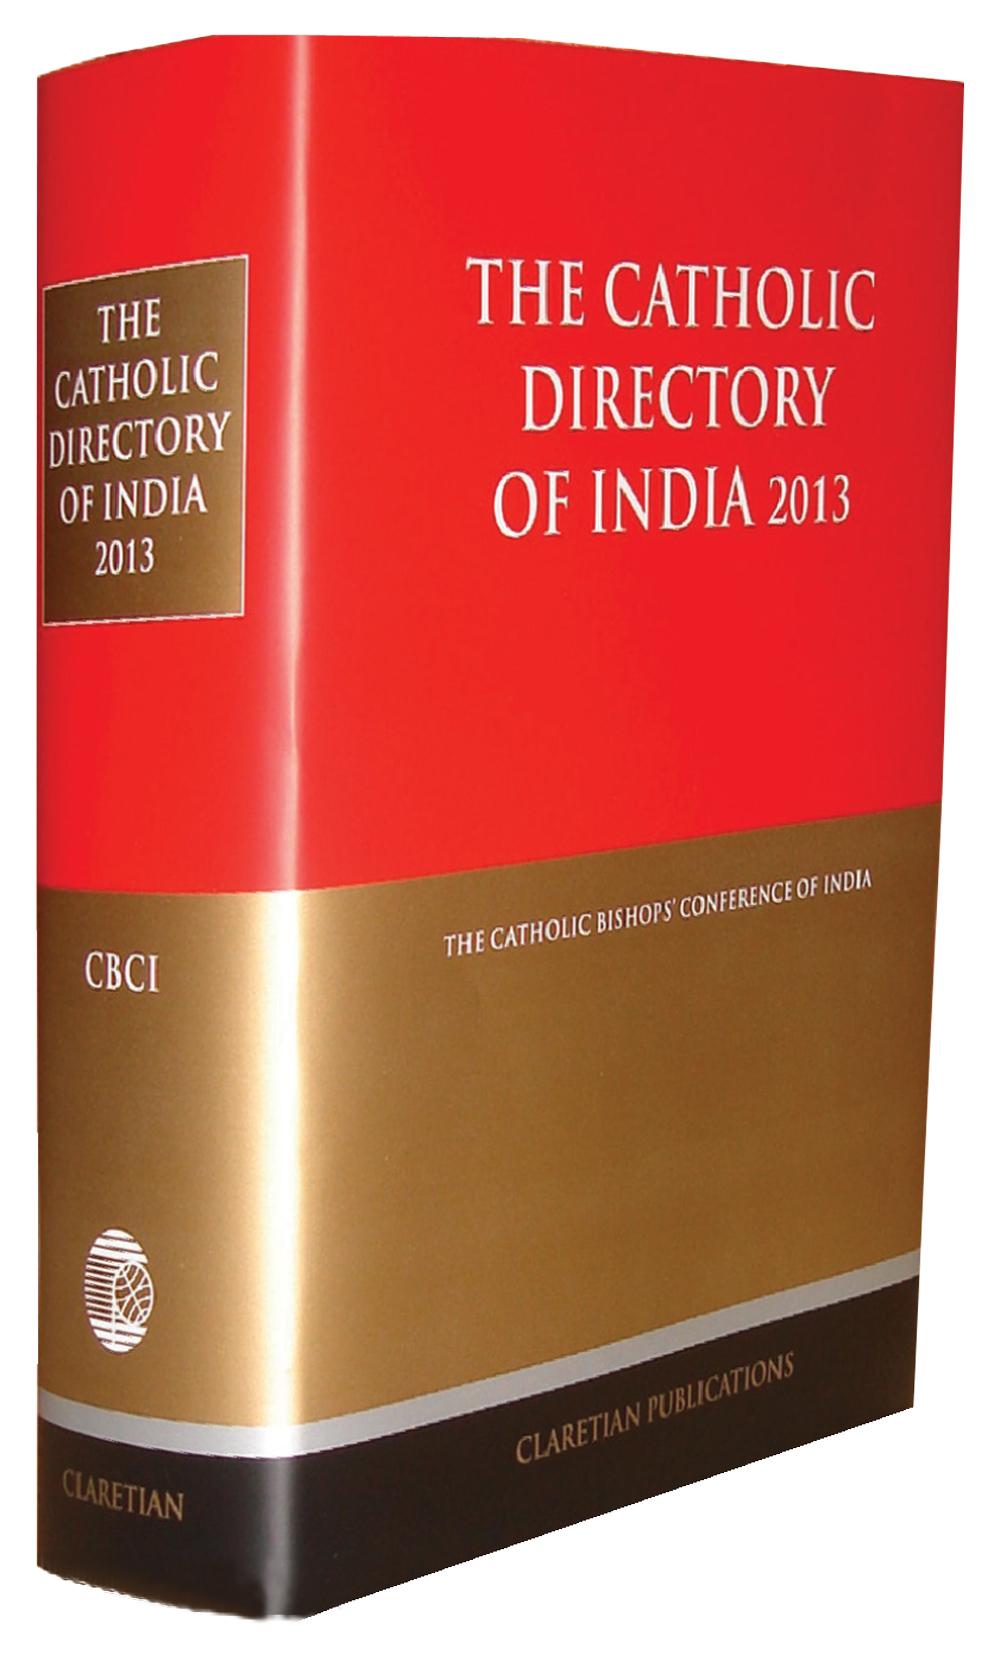 CATHOLIC DIRECTORY OF INDIA - 2013